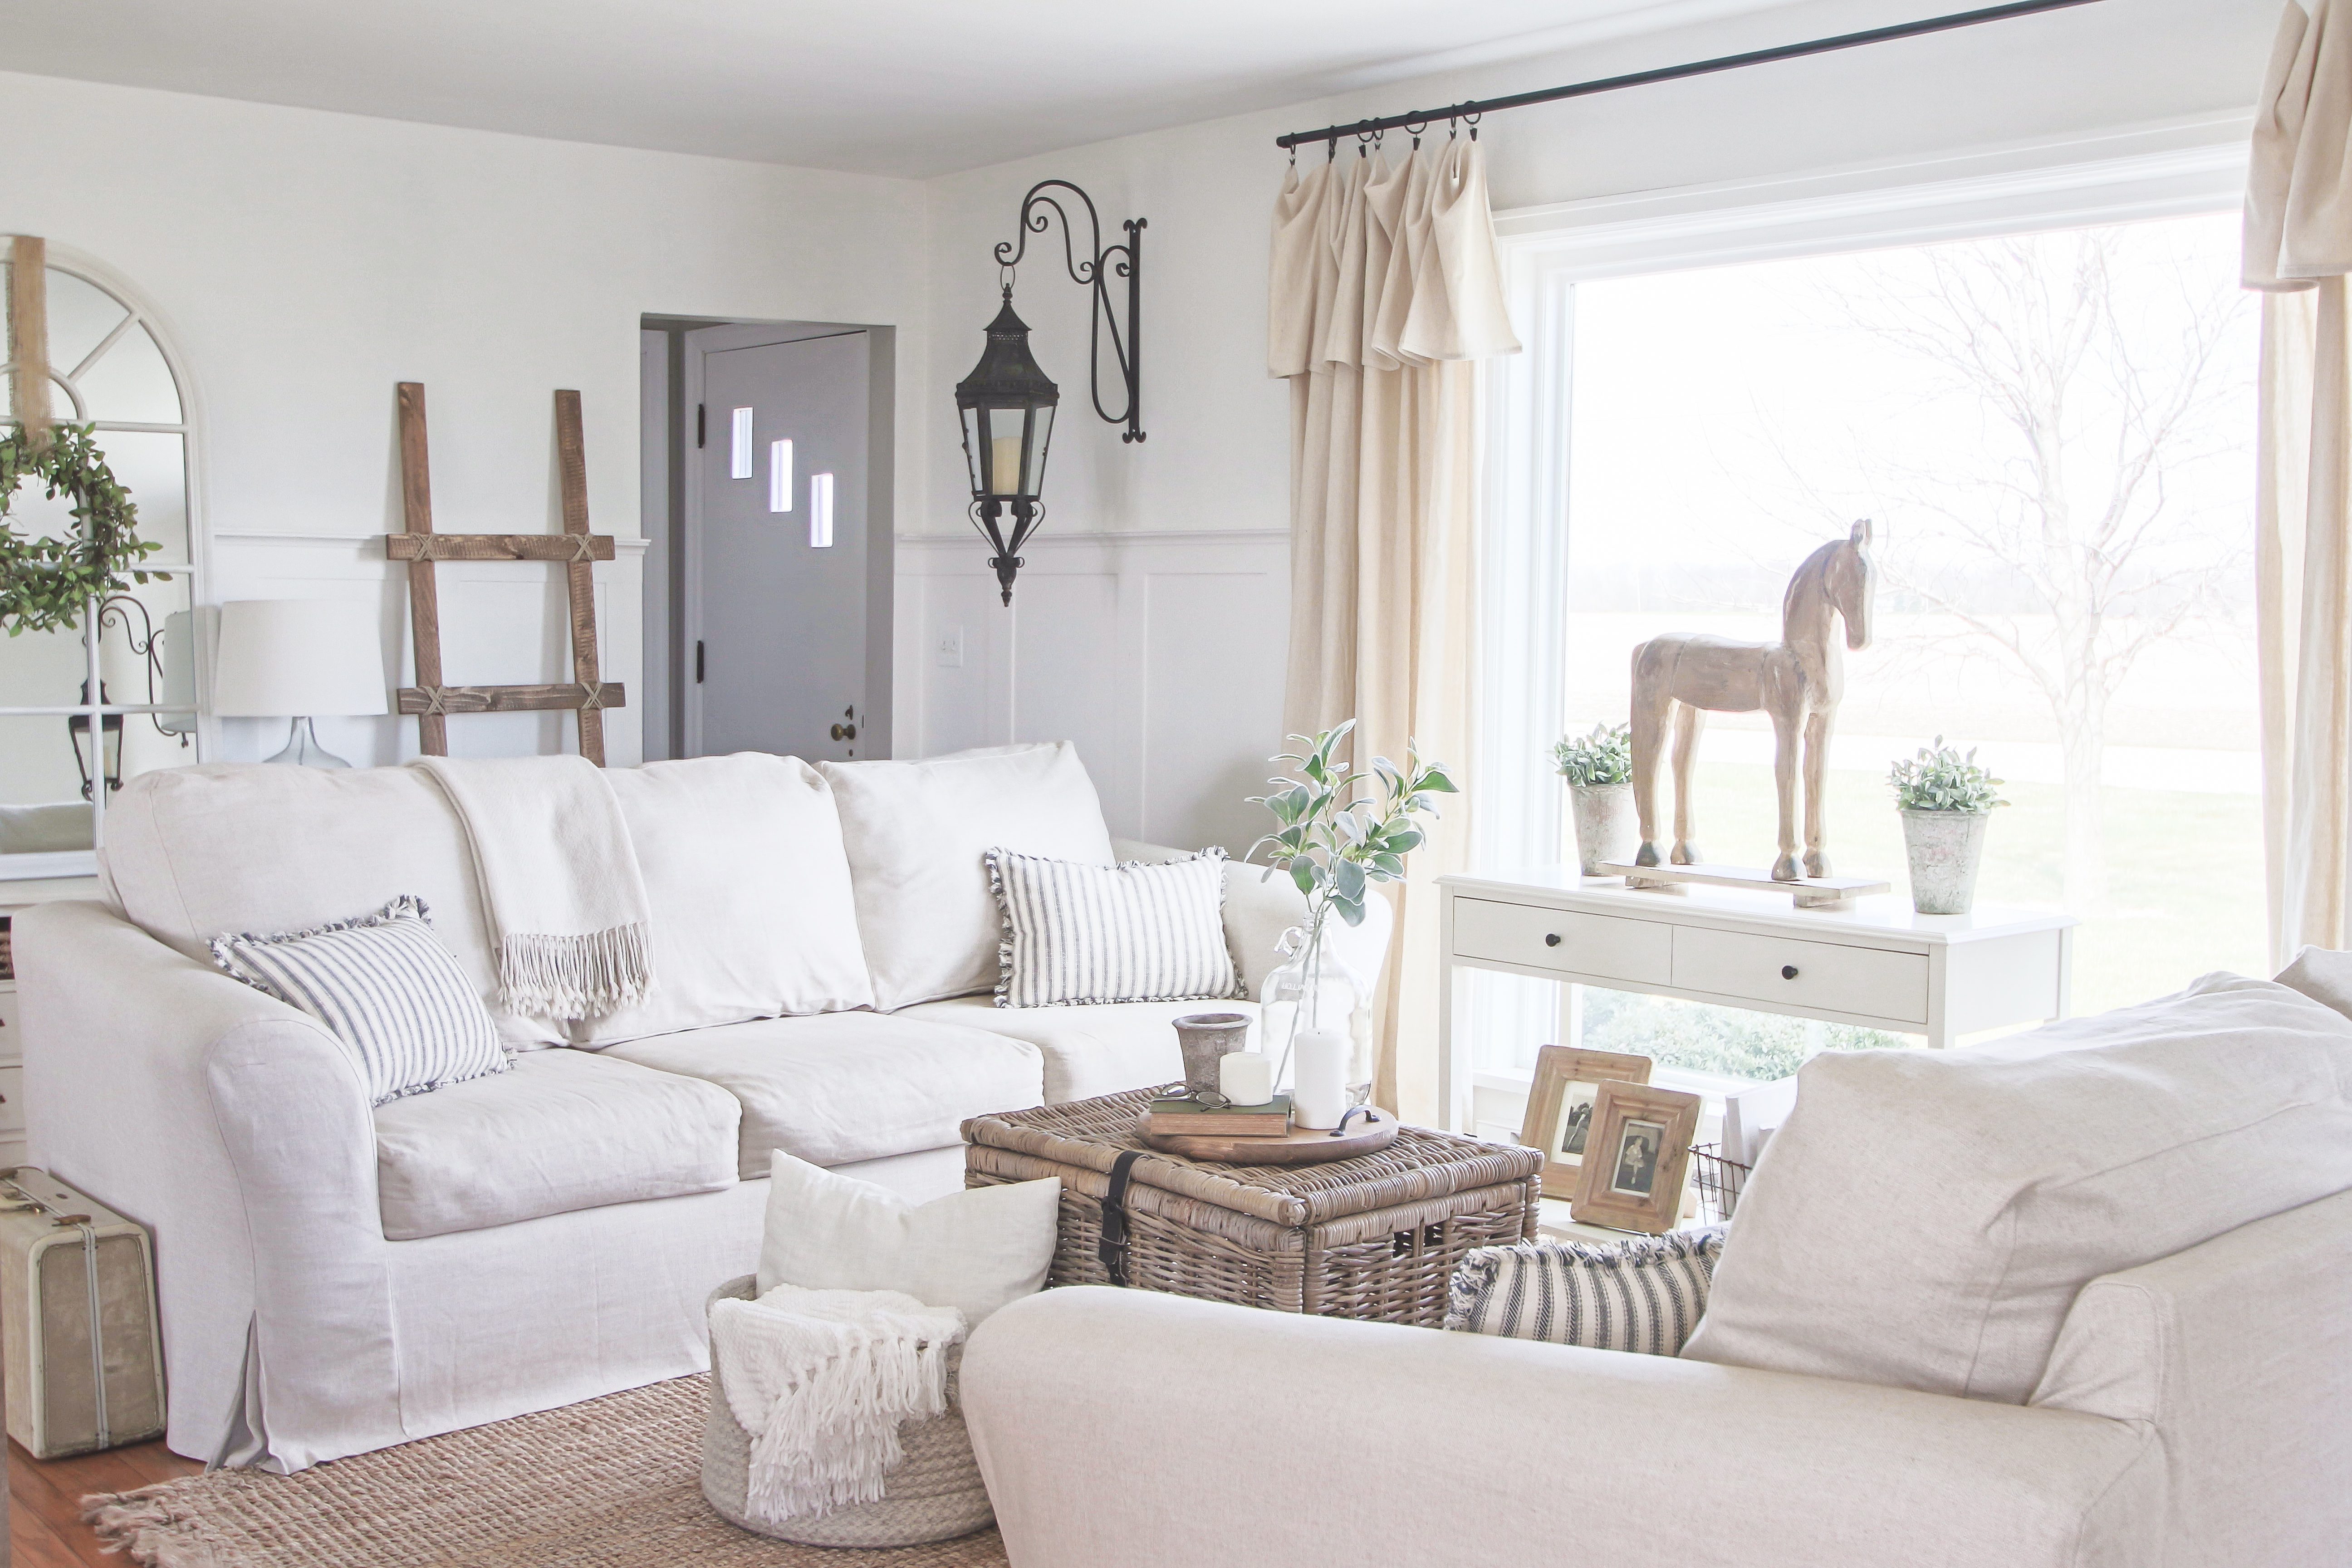 Beste Farbe fürs Sofa auswählen?